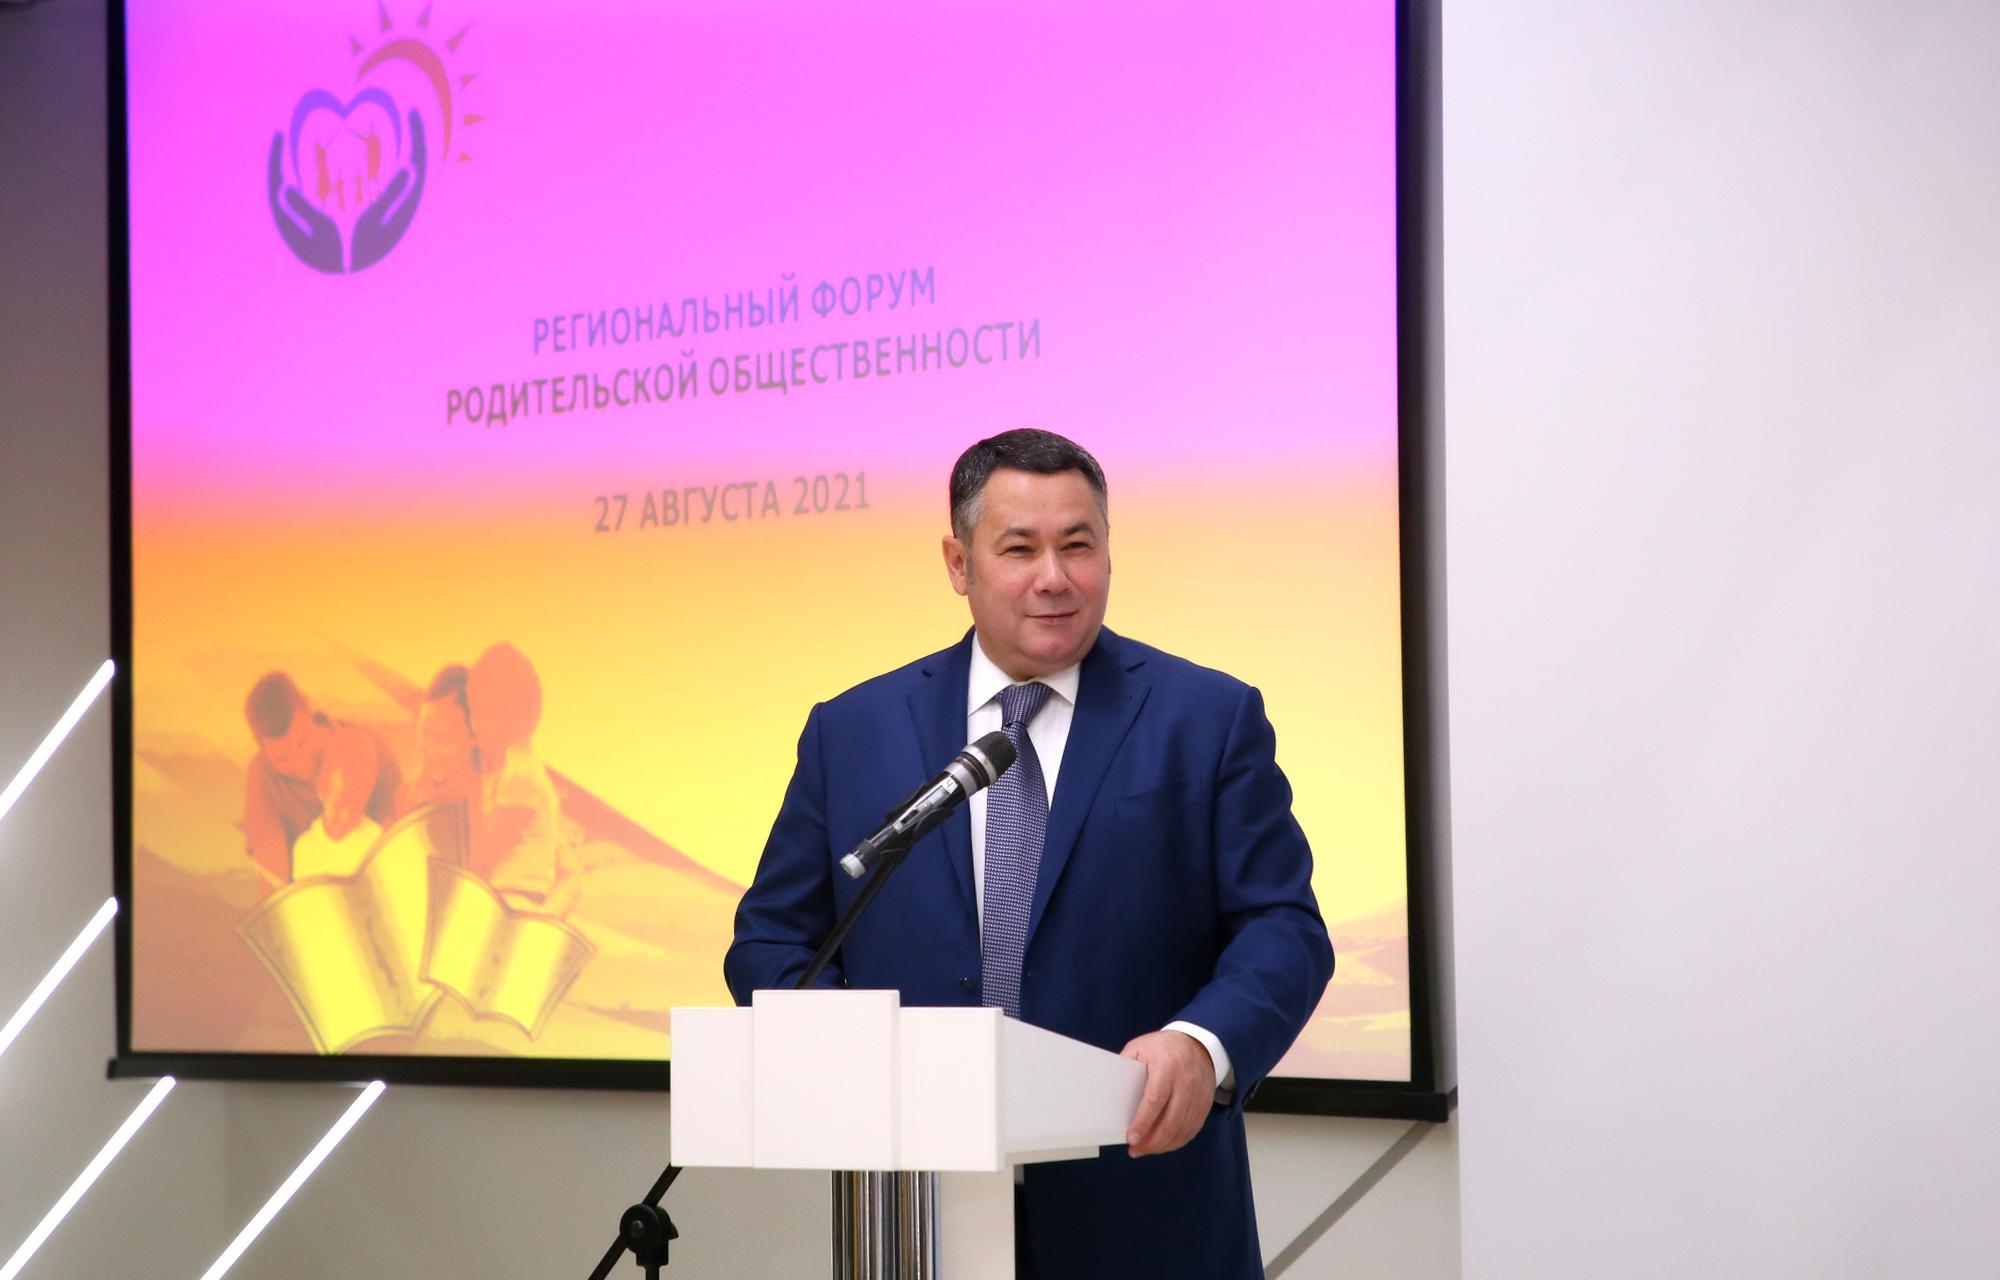 Игорь Руденя рассказал о главных проектах в образовании Тверской области